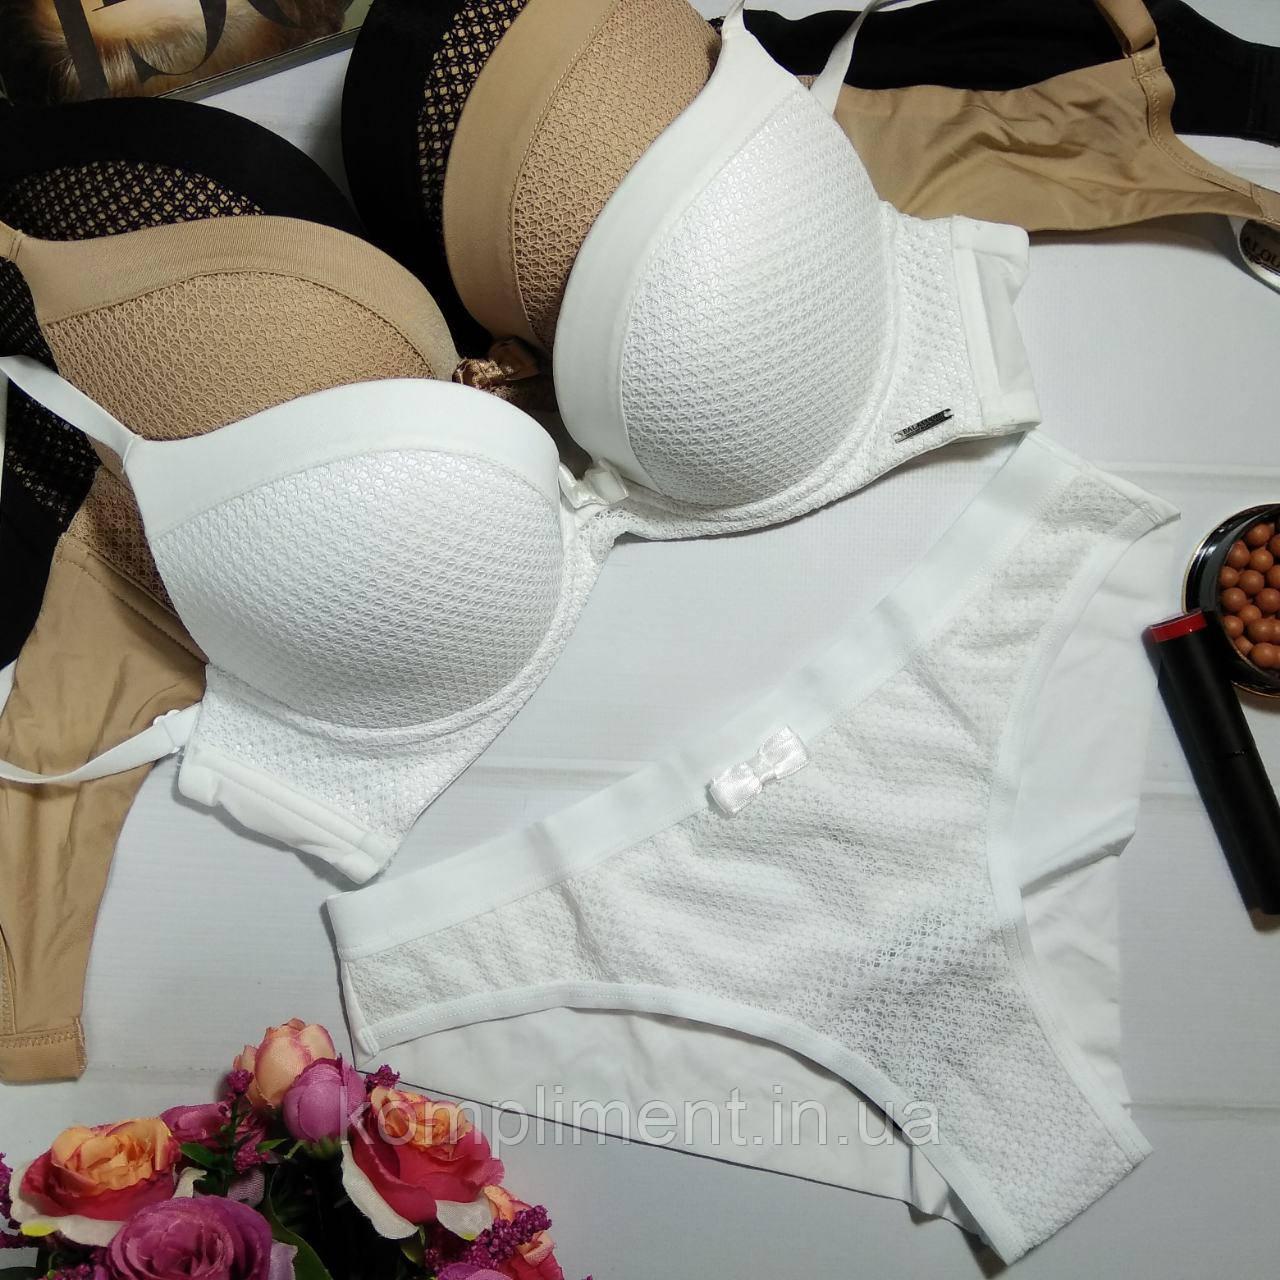 Комплект женского нижнего белья с эффектом пу  ш ап Balaloum 9365